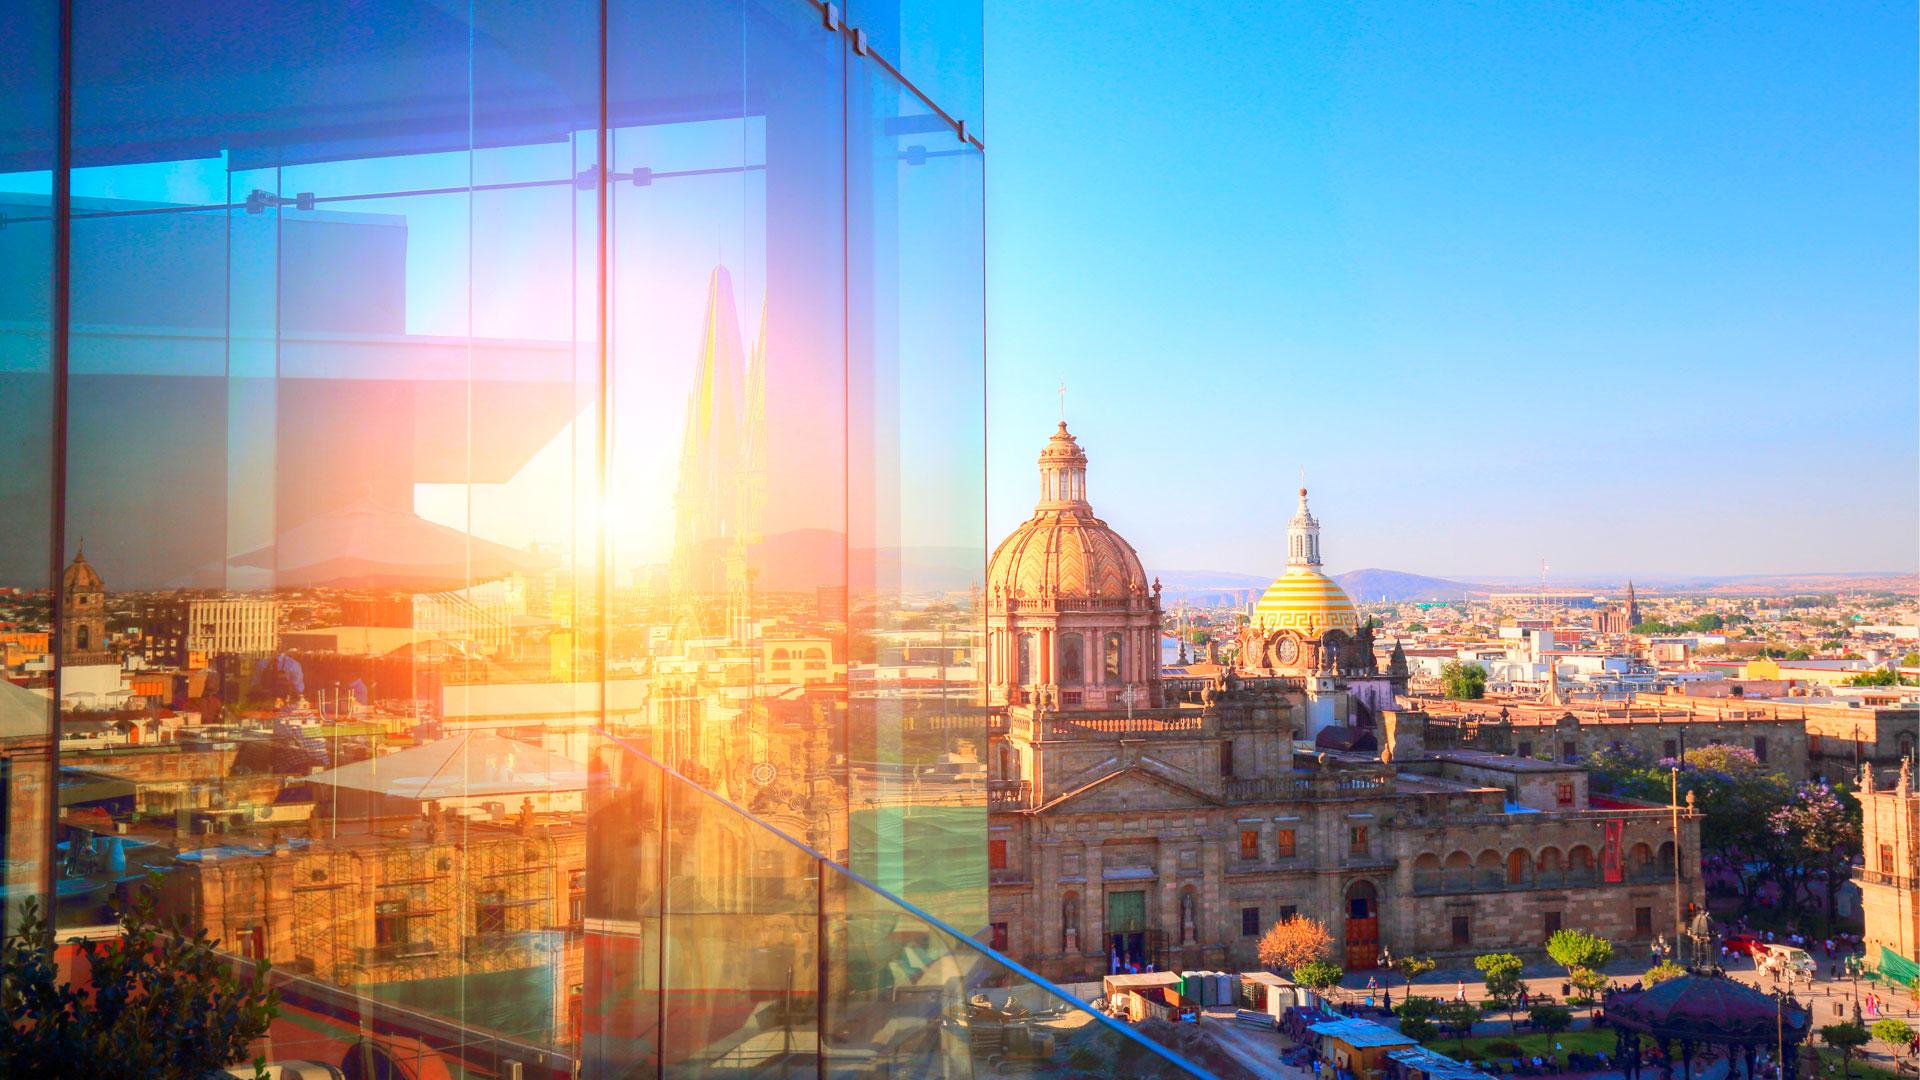 Imagen de la ciudad mexicana de Guadalajara